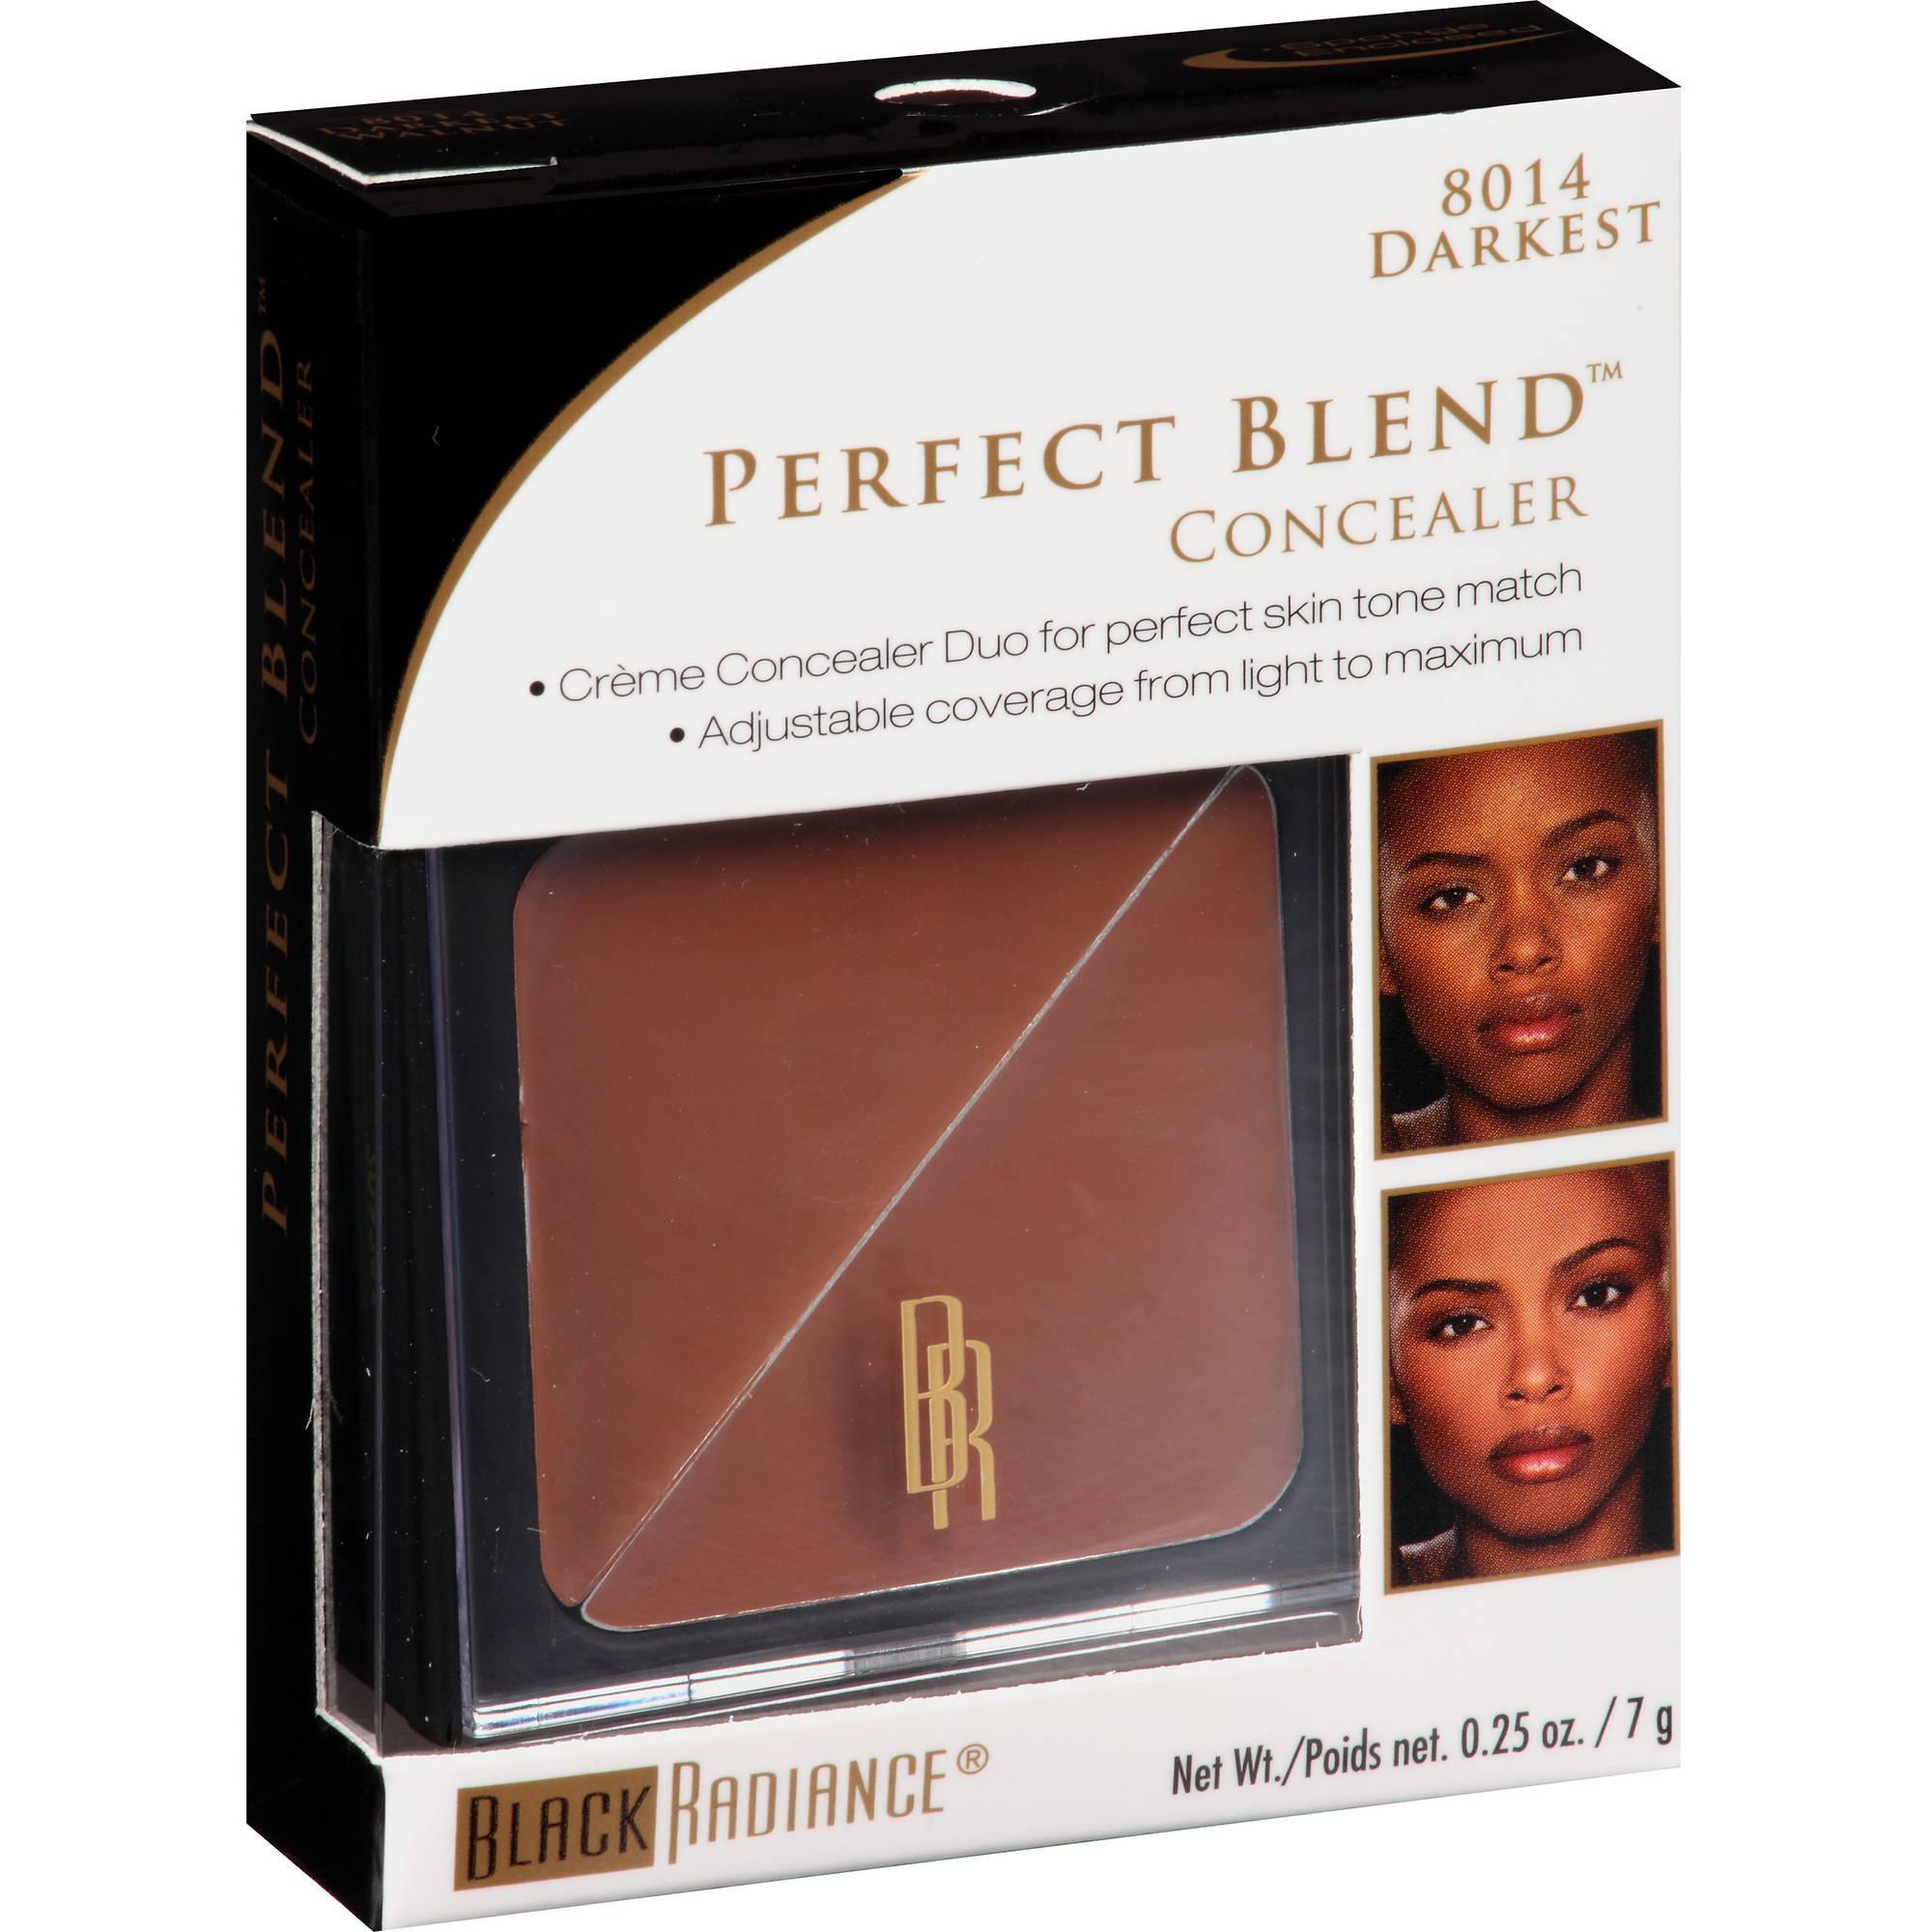 Black Radiance Perfect Blend Concealer, 8014 Darkest Walnut, 0.25 oz